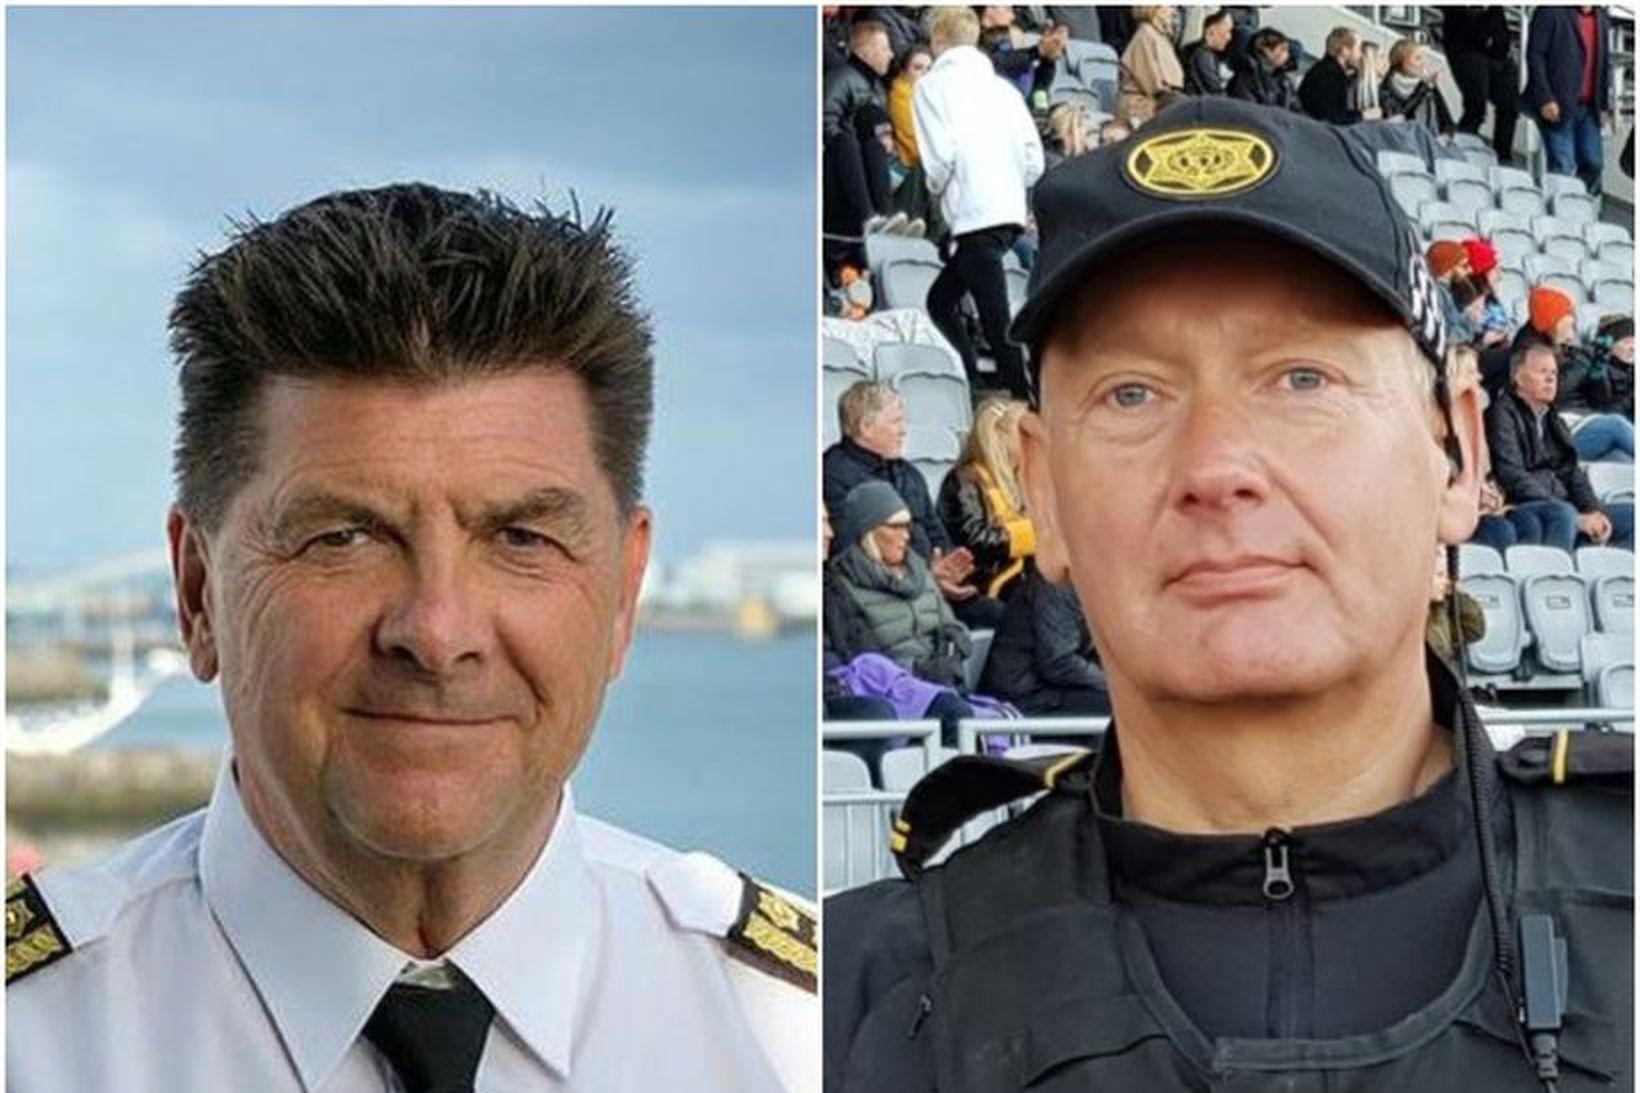 Haraldur Johannessen ríkislögreglustjóri (t.v.) og Arinbjörn Snorrason formaður Lögreglufélags Reykjavíkur …